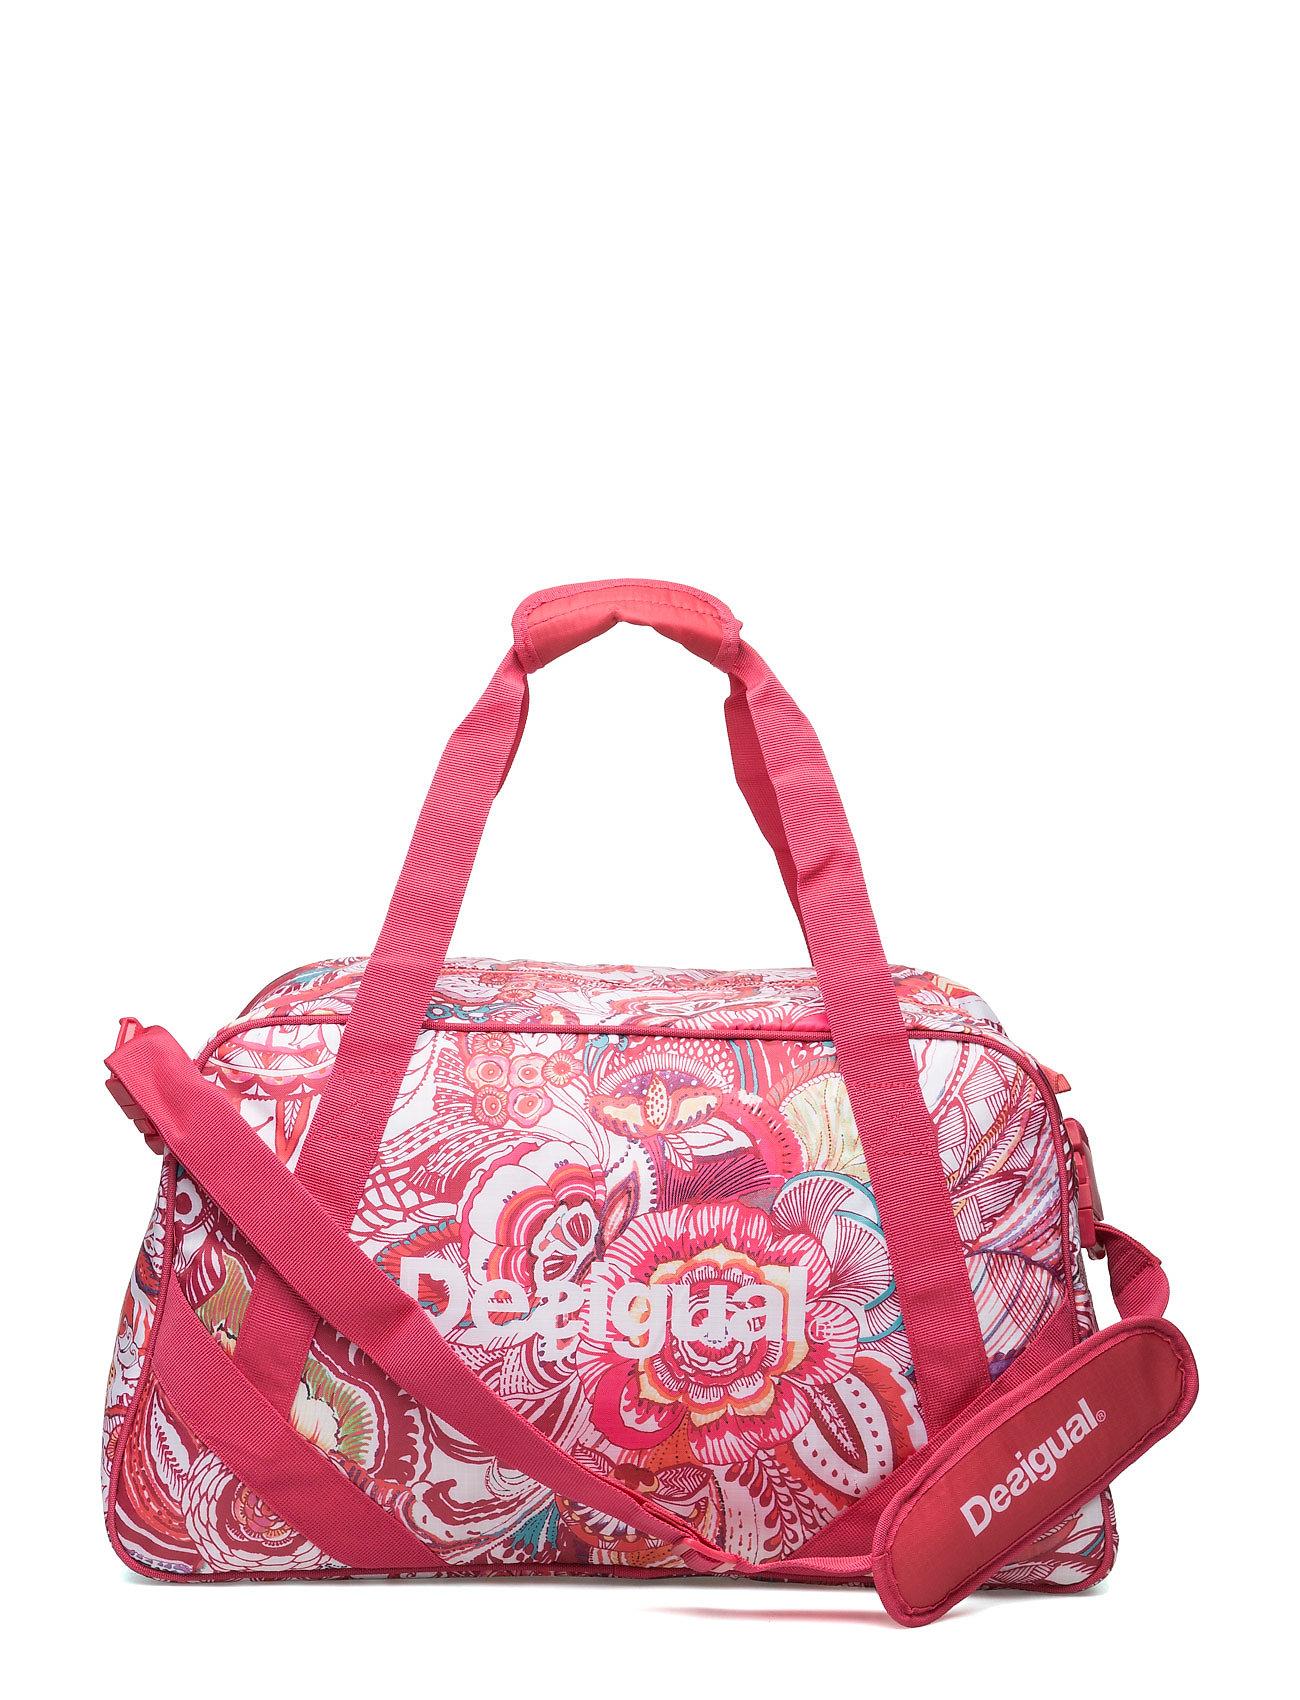 Bols L Bag P Desigual Sport Sportstasker til Damer i